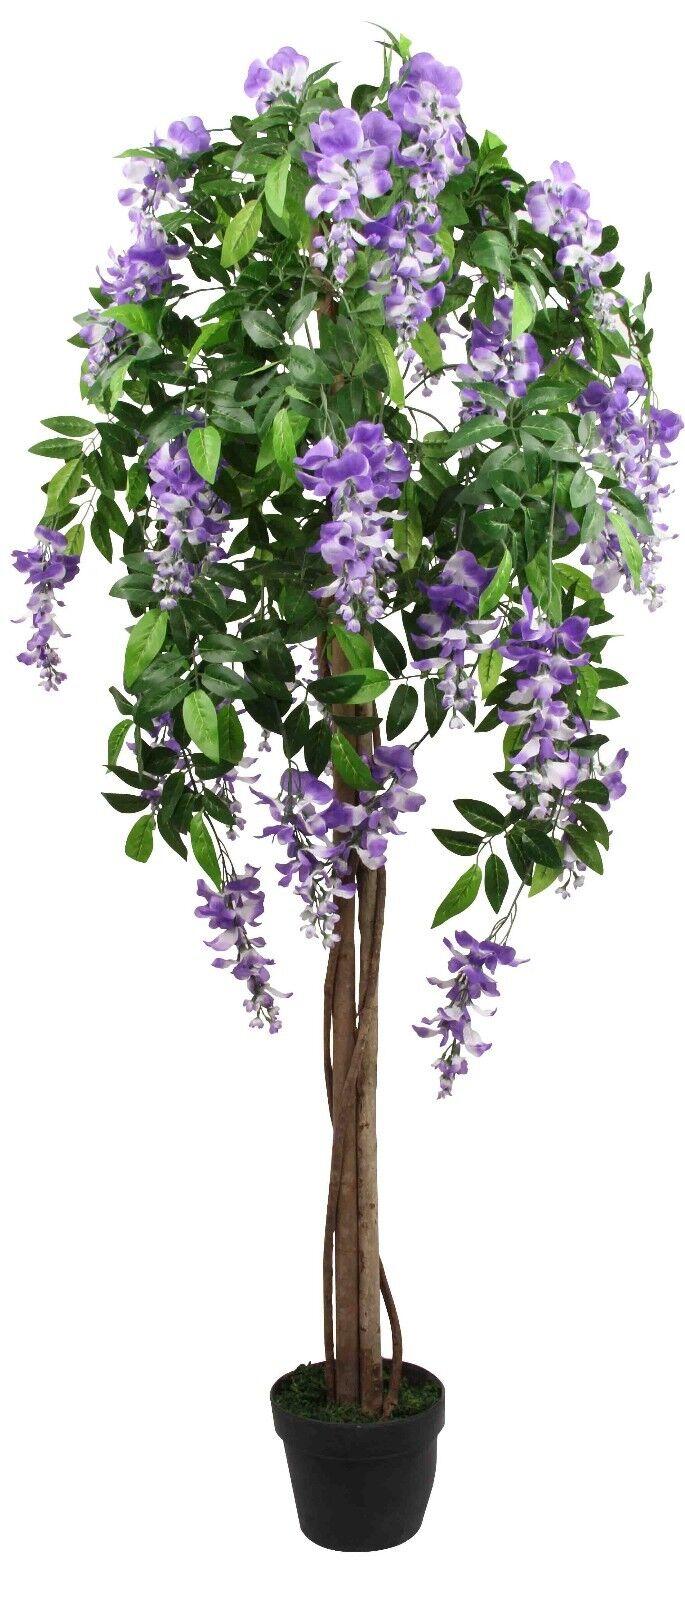 Artificielle wisteria en Pot Plante Jardin Intérieur ou Extérieur Jardin Plante Grand Arbre hauteur 5 FT (environ 1.52 m) 57217b